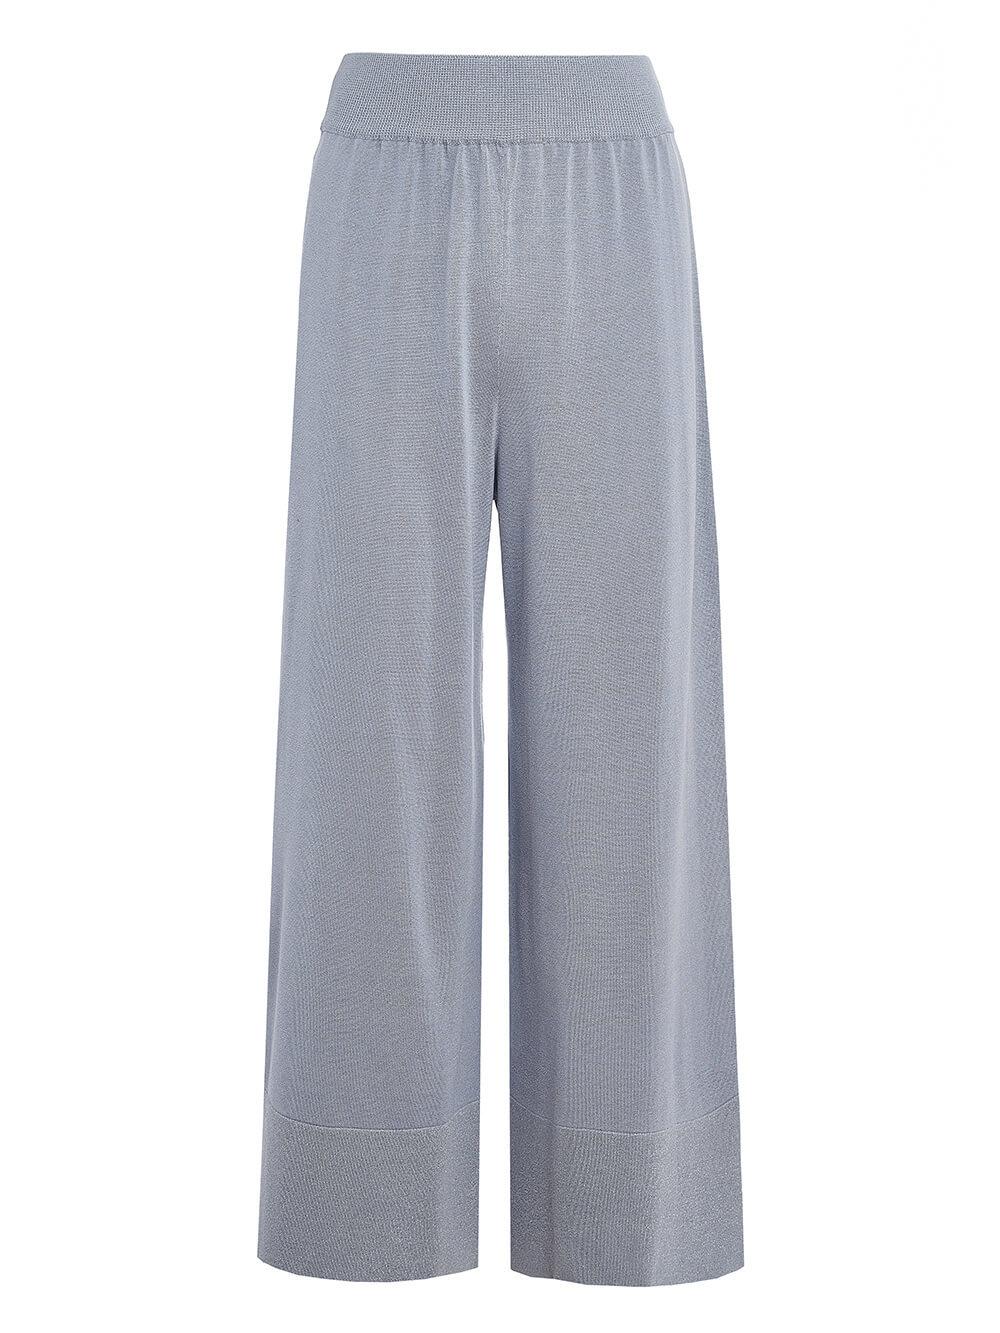 Женские брюки-клеш светло-серого цвета из шелка и вискозы - фото 1